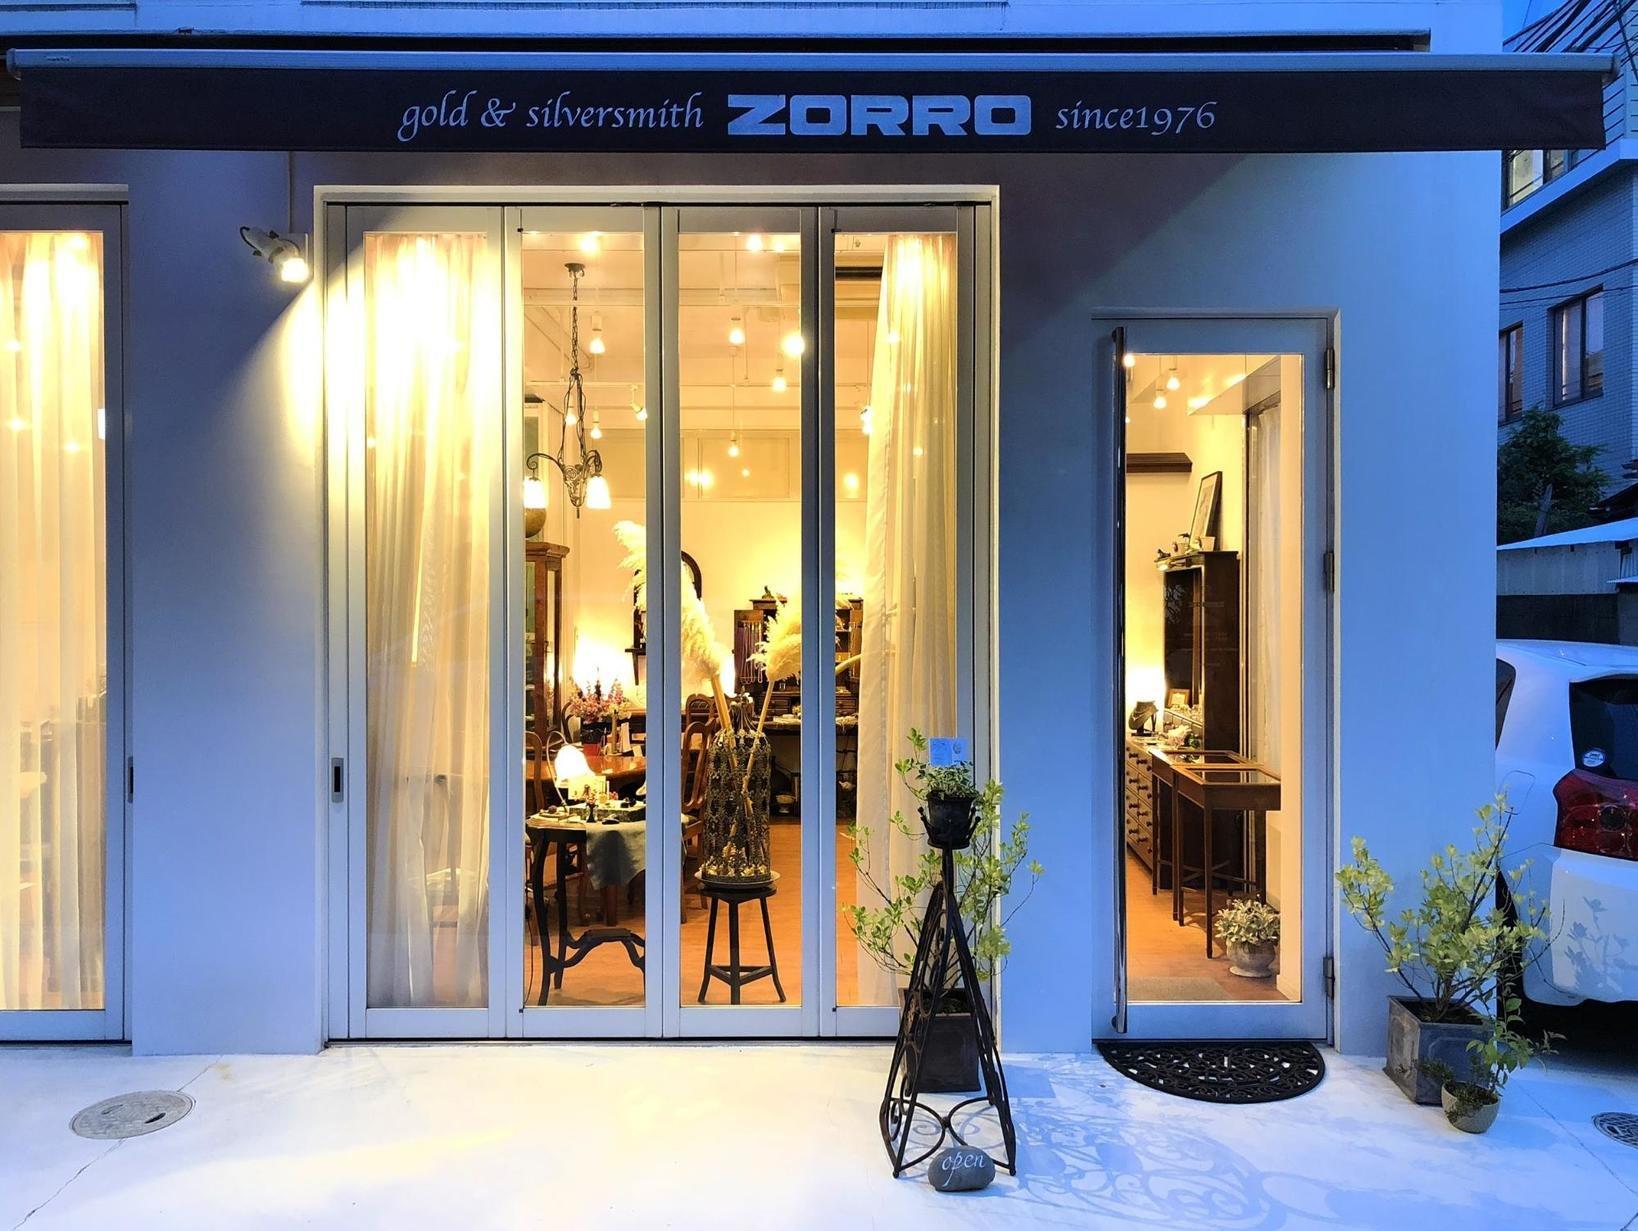 時間帯に合わせジュエリーの表情も変わる。日中には日中の、夕暮れには夕暮れの雰囲気が反映される。夕暮れ時。店内の黄色い光と外の青い光のコントラストがとてもきれい。マジックアワーがあっという間に過ぎ去り、夜の光が輝き始める頃、ZORROのジュエリーは徐々に輝きだしてくる。